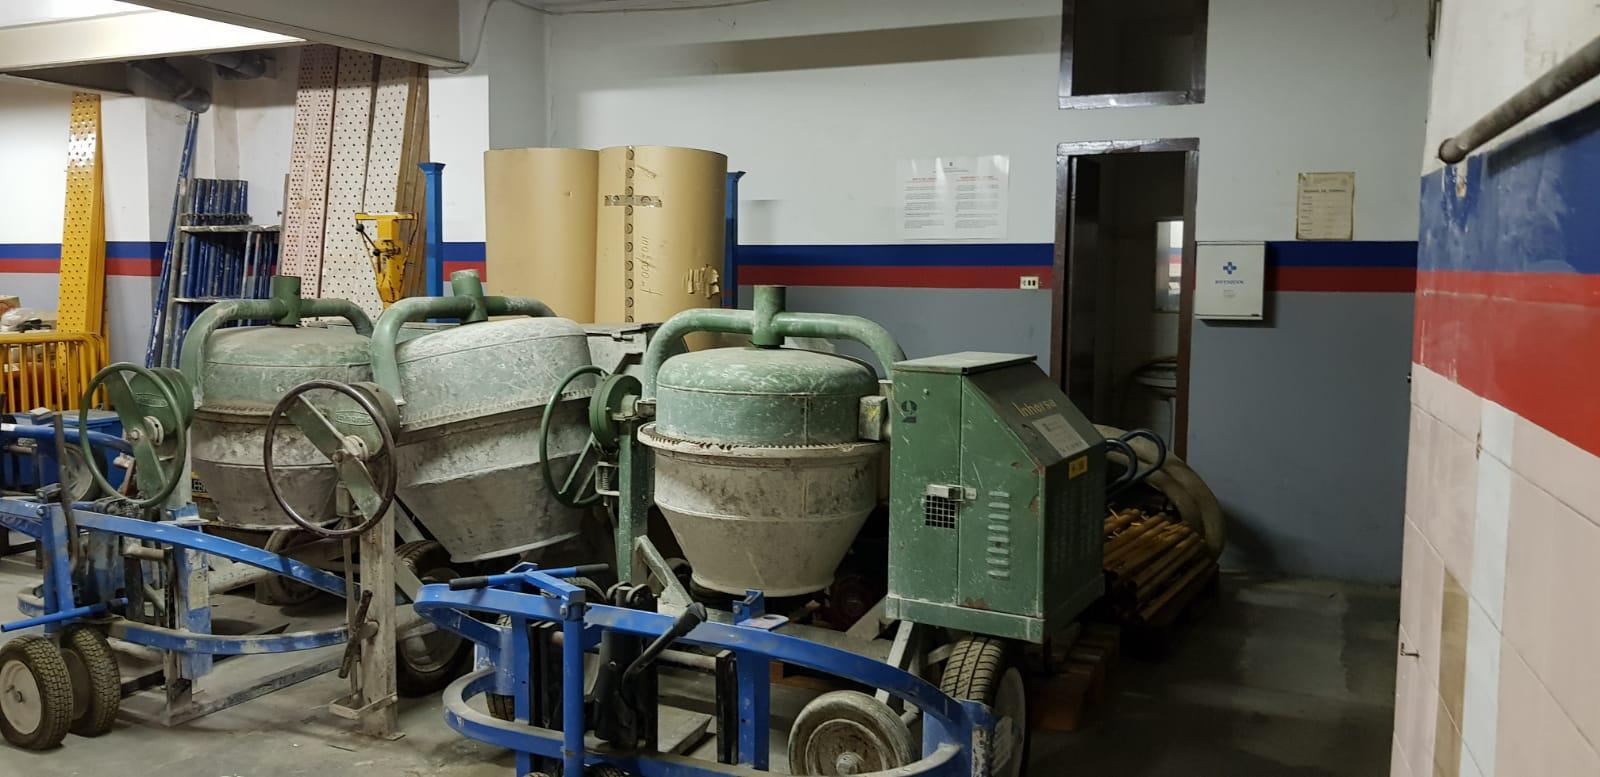 Imagen 3 Local Comercial en venta en Granollers / Zona Lledoner, cerca de otros comercios y zonas verdes